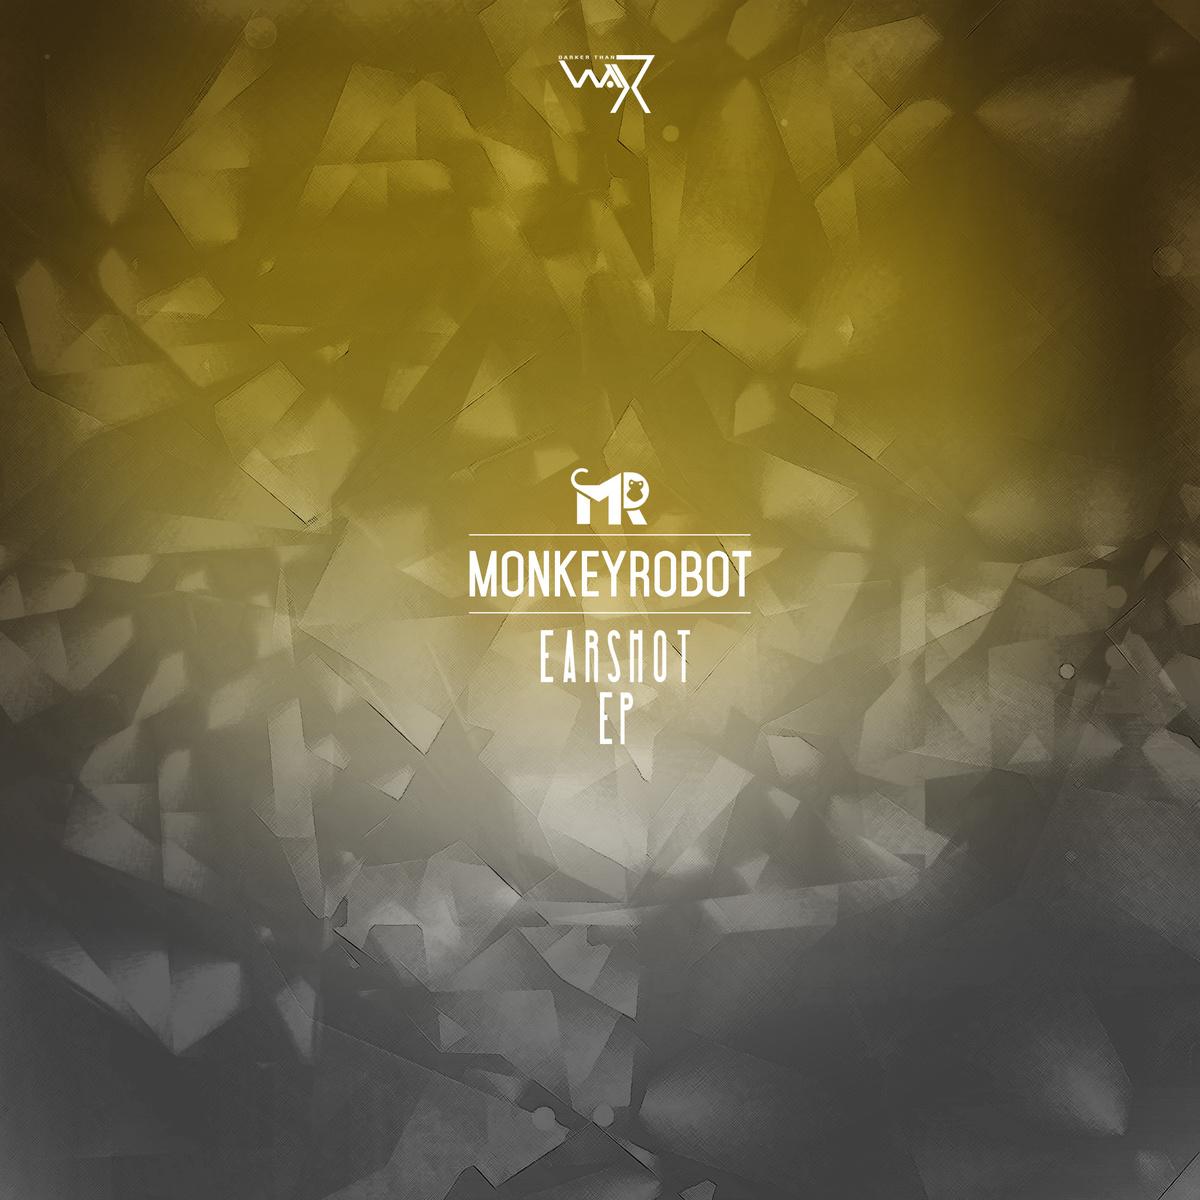 MonkeyRobot - Earshot Ep